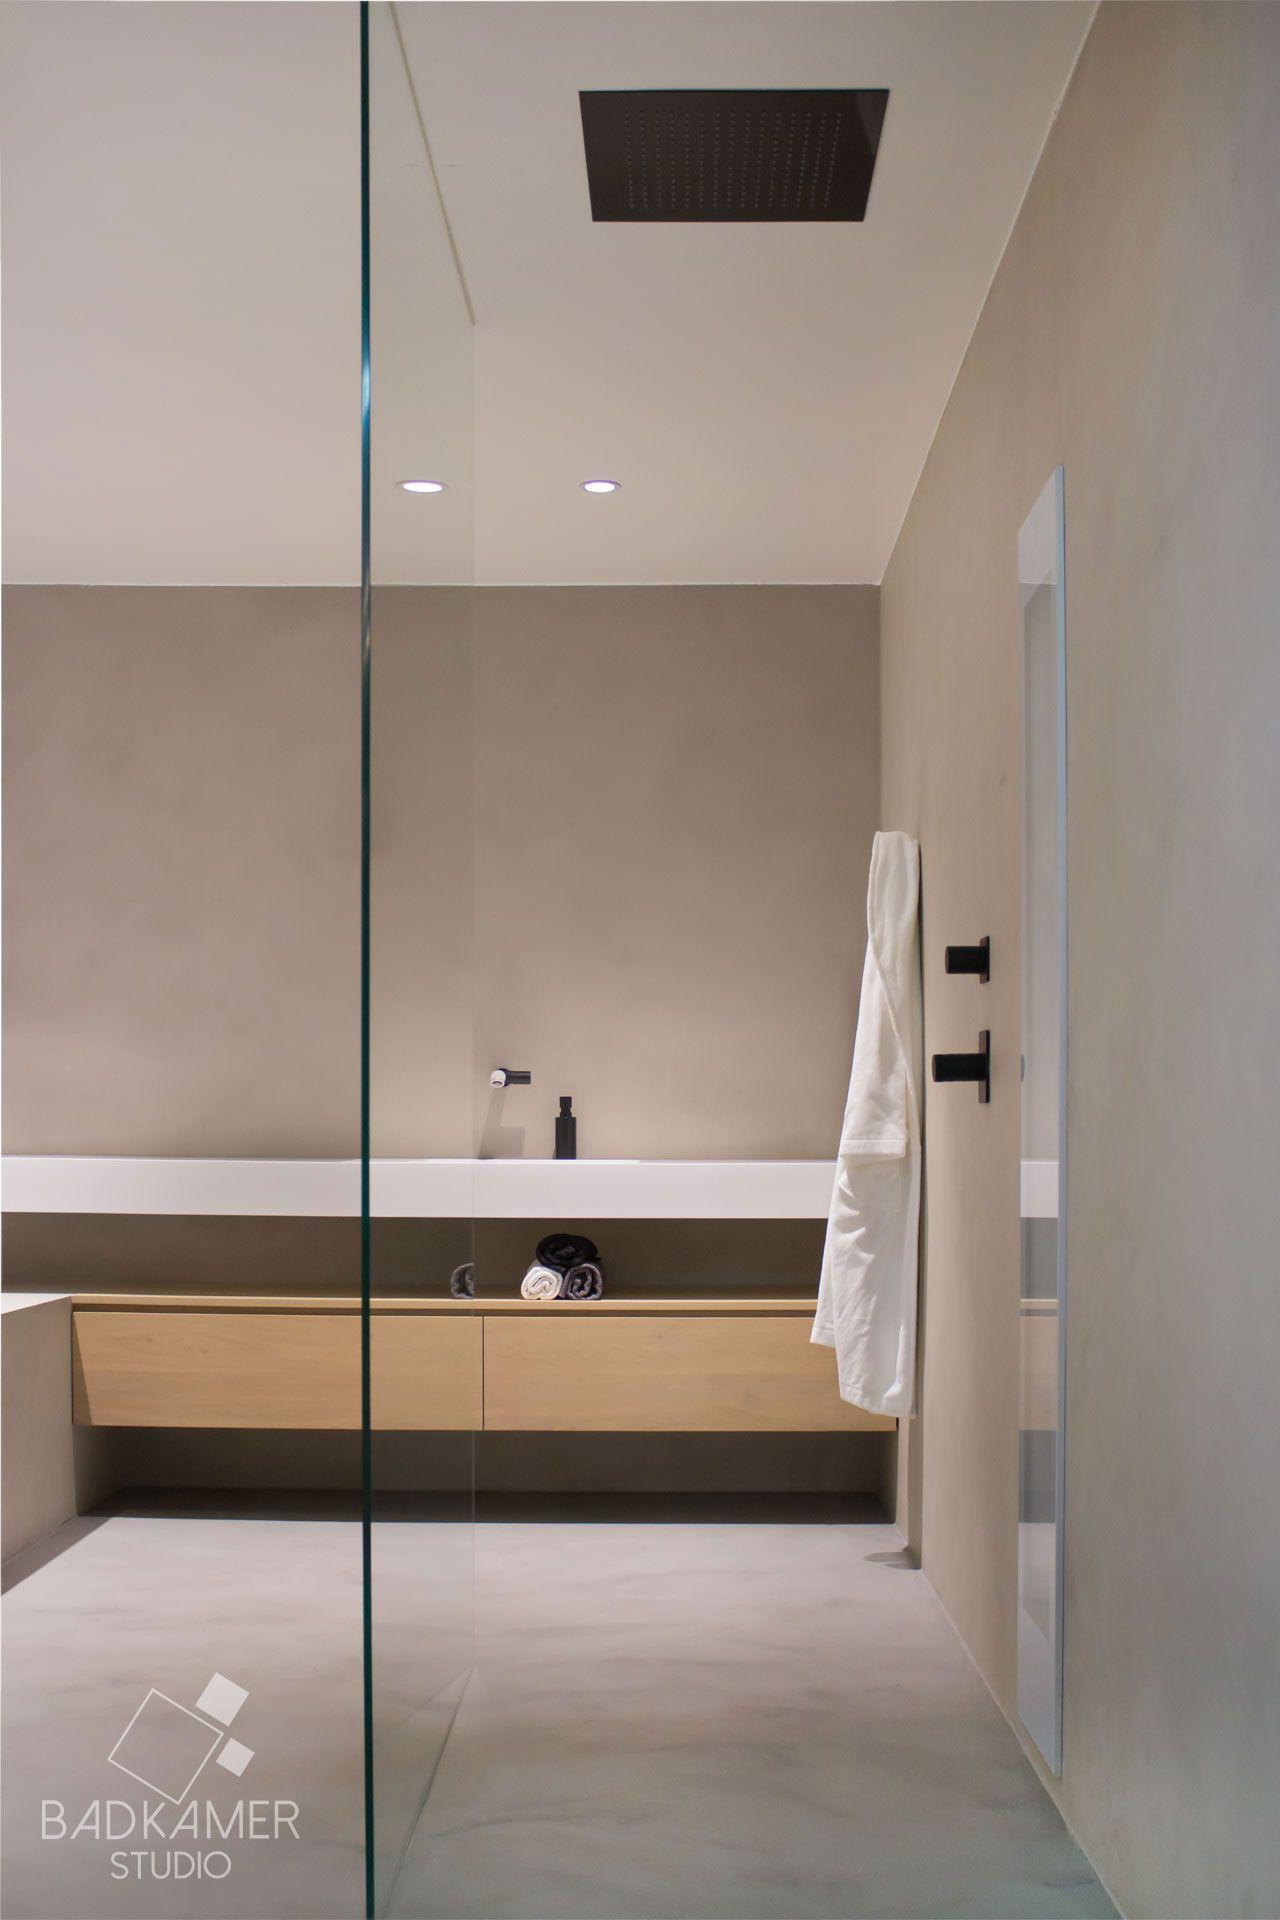 Maatwerk badkamer met micro-beton (Beton-Ciré) op de vloer, muren en ...